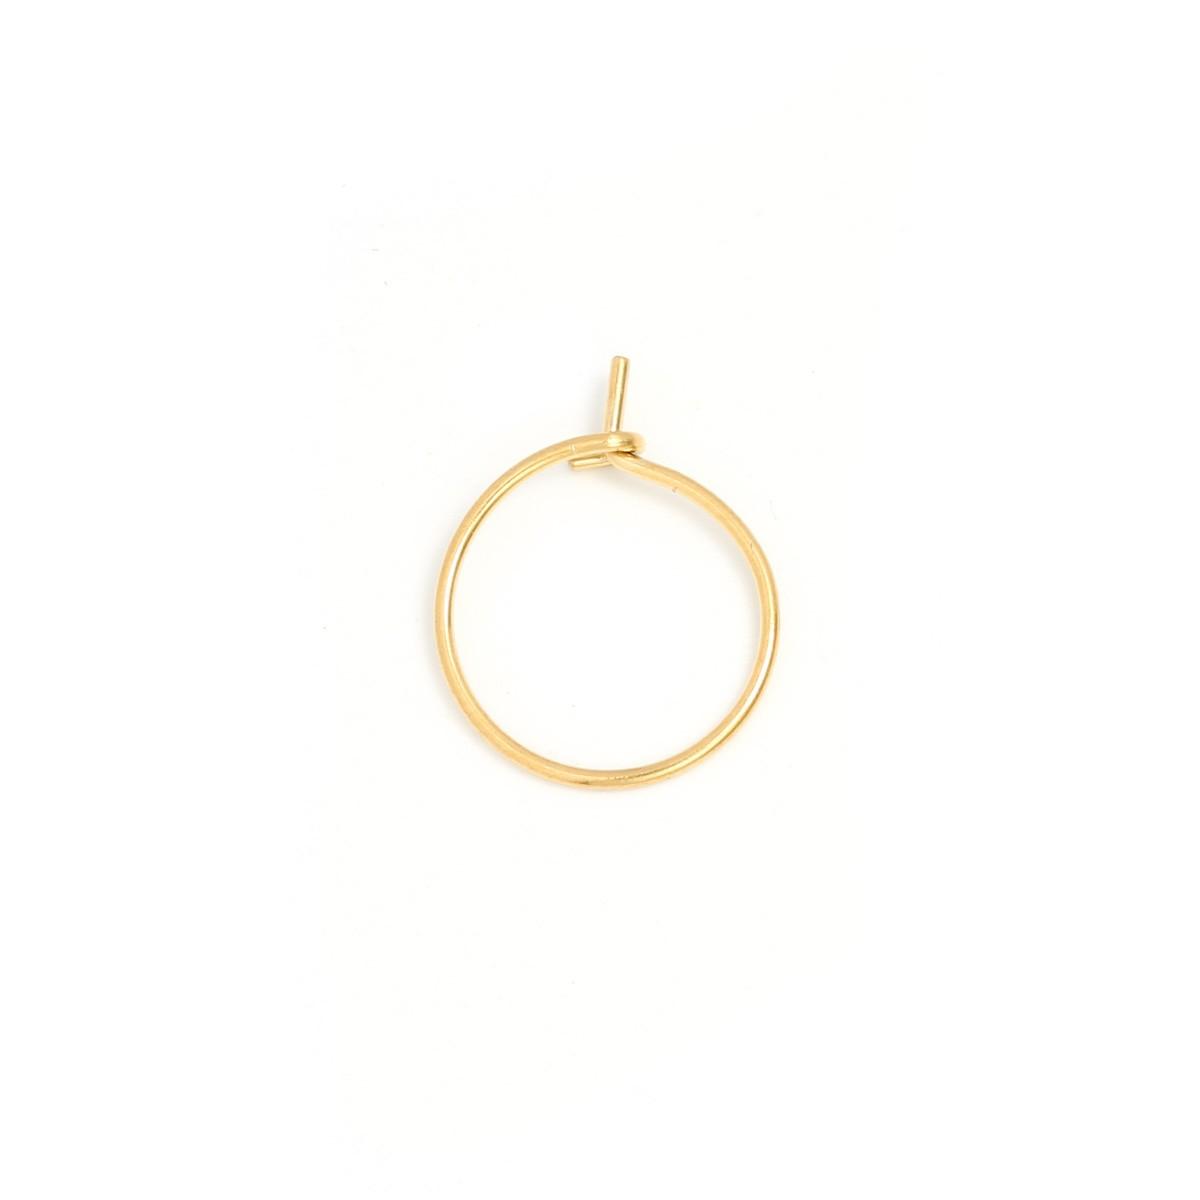 oorbellen-kleine-ring-stainless-steel-20mm-per-paar